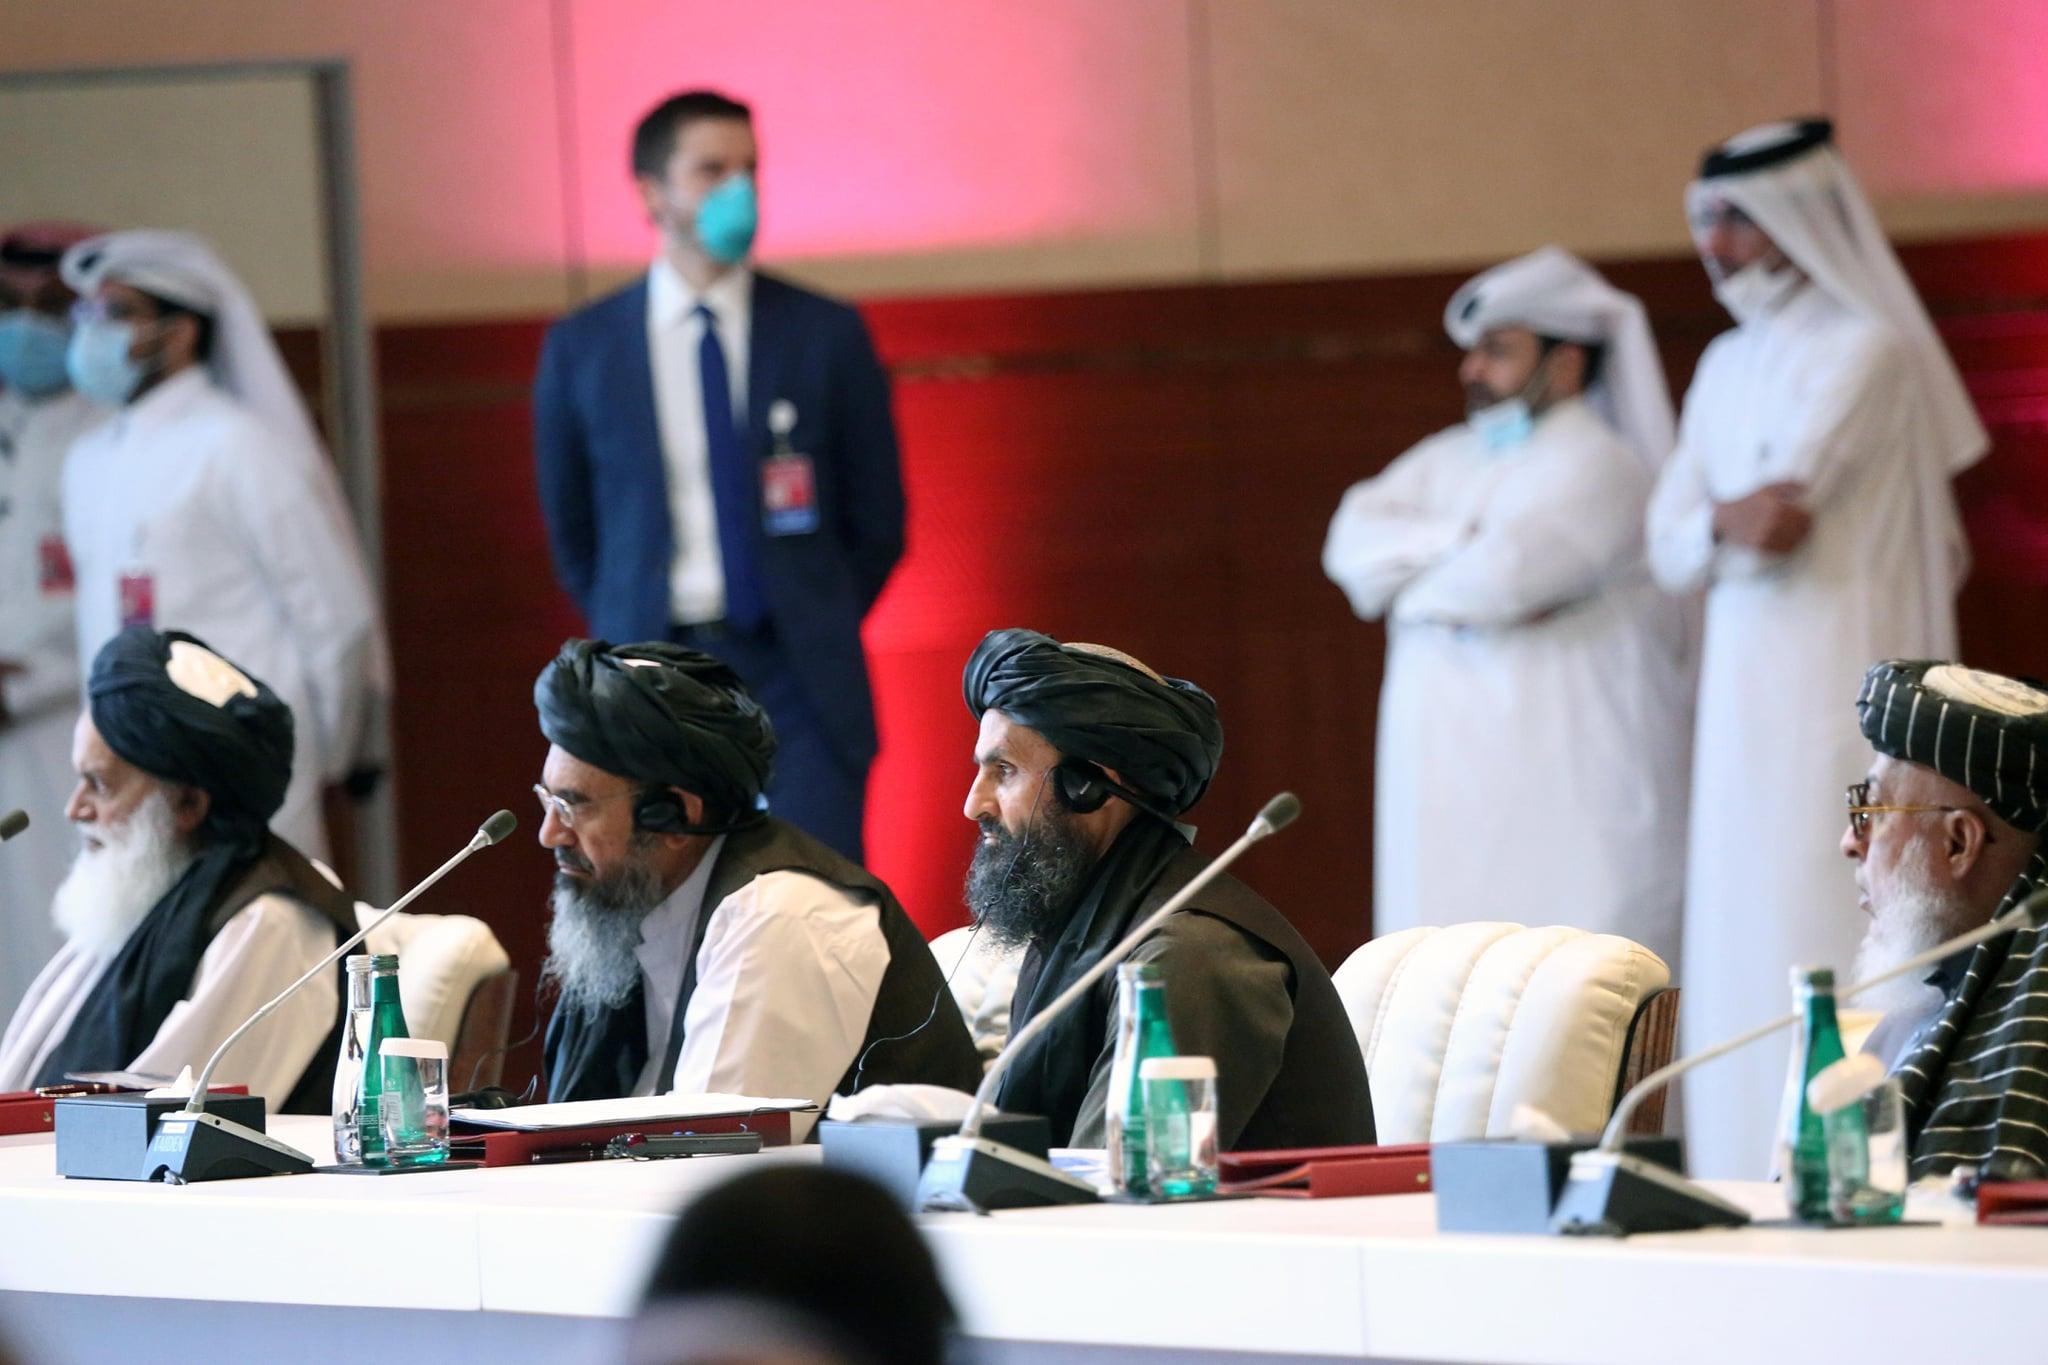 ملګري ملتونه: بینالافغاني مذاکرات باید چټک کړلشي